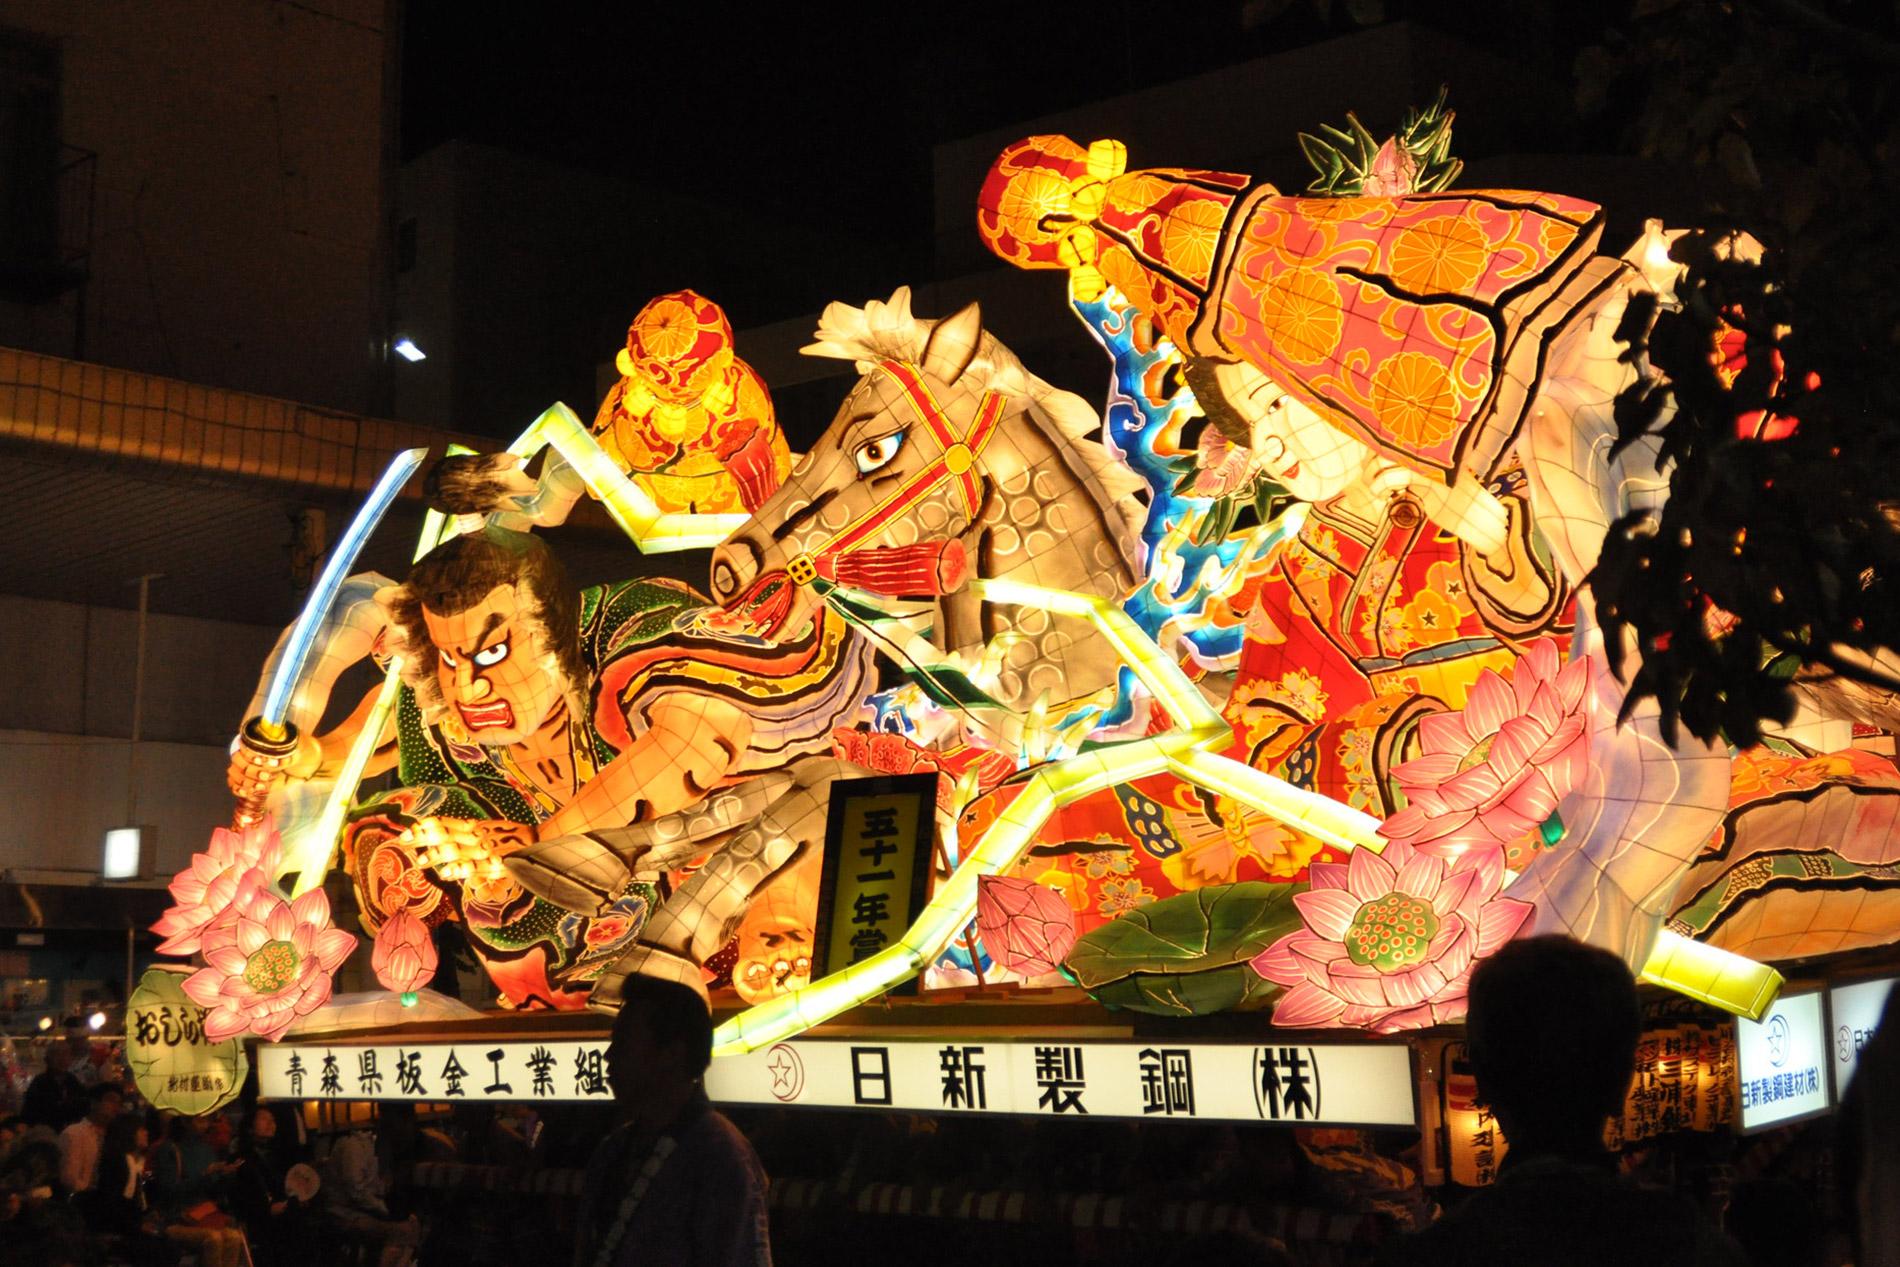 Eines der spektakulärsten Festival Japans ist das Nebuta Matsuri in Aomori mit gigantischen, beleuchteten Festwagen. (Foto: Appie Verschoor auf flickr https://www.flickr.com/photos/xiffy/30289202108 CC BY-SA 2.0)